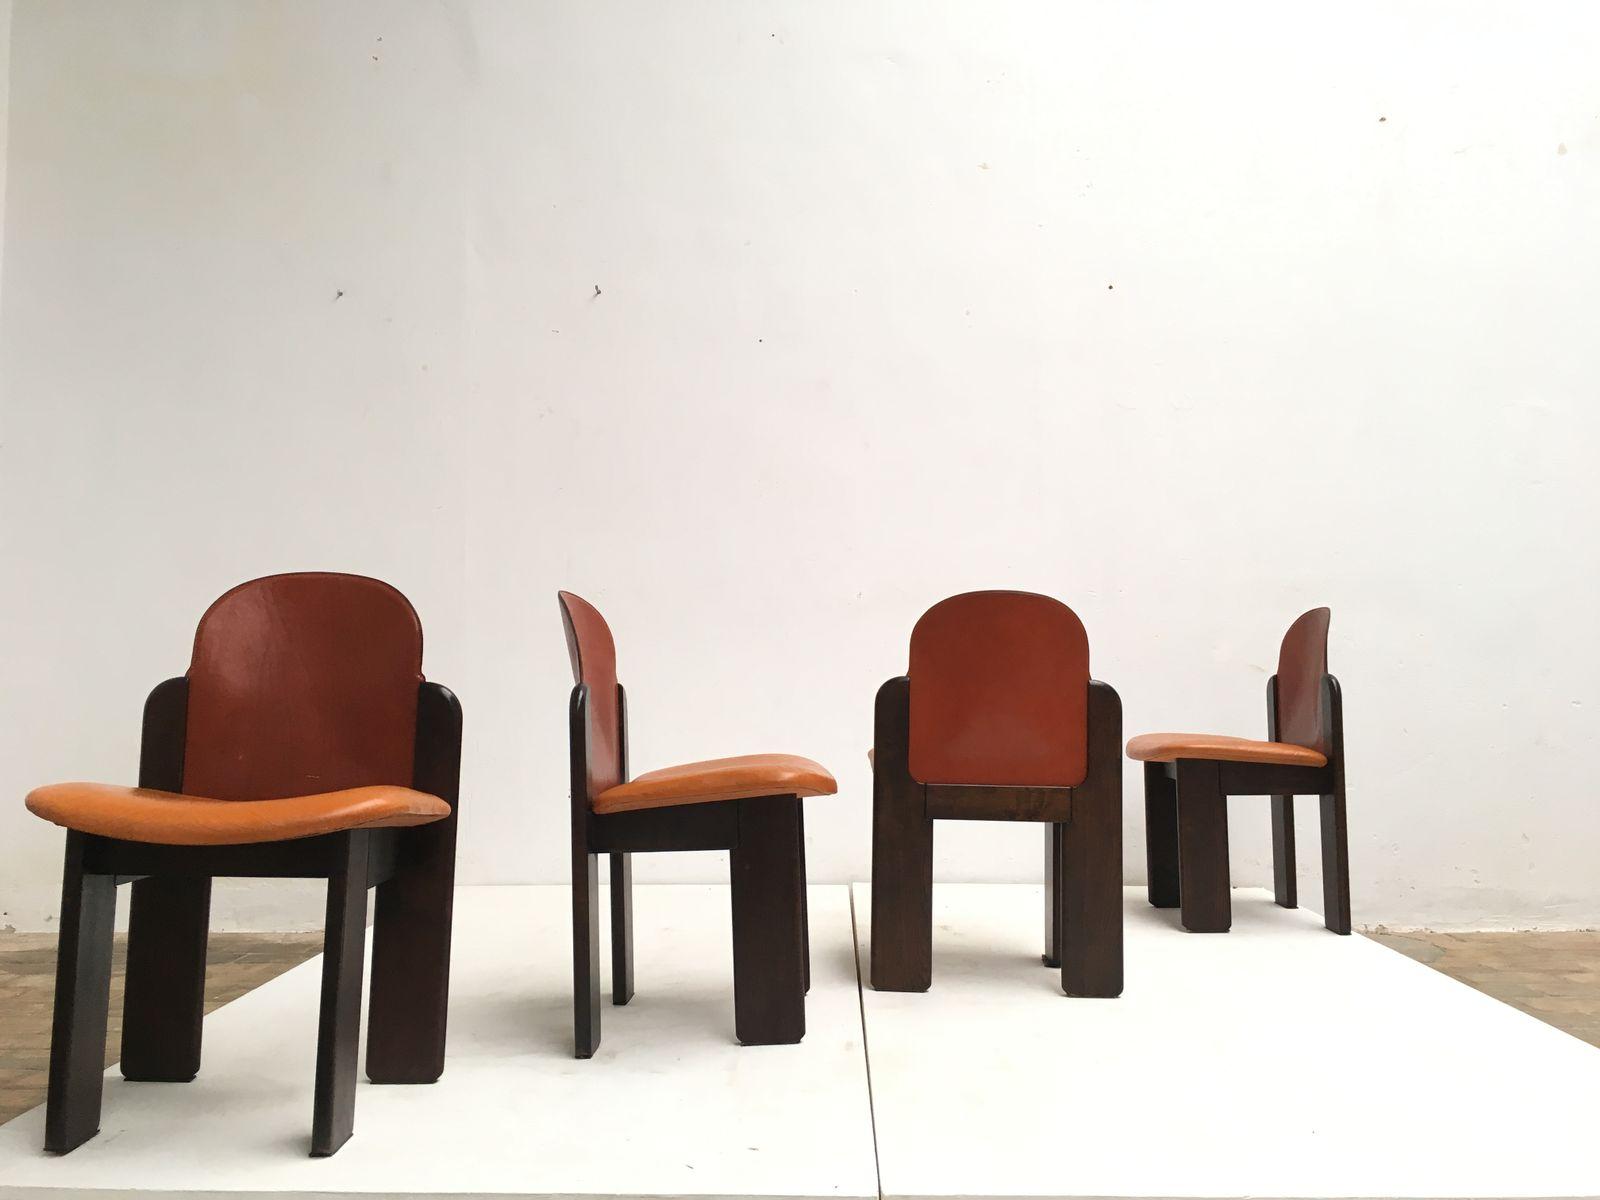 Salon En Bois Massif Cuire : Set de salon en bois massif et cuir s vente sur